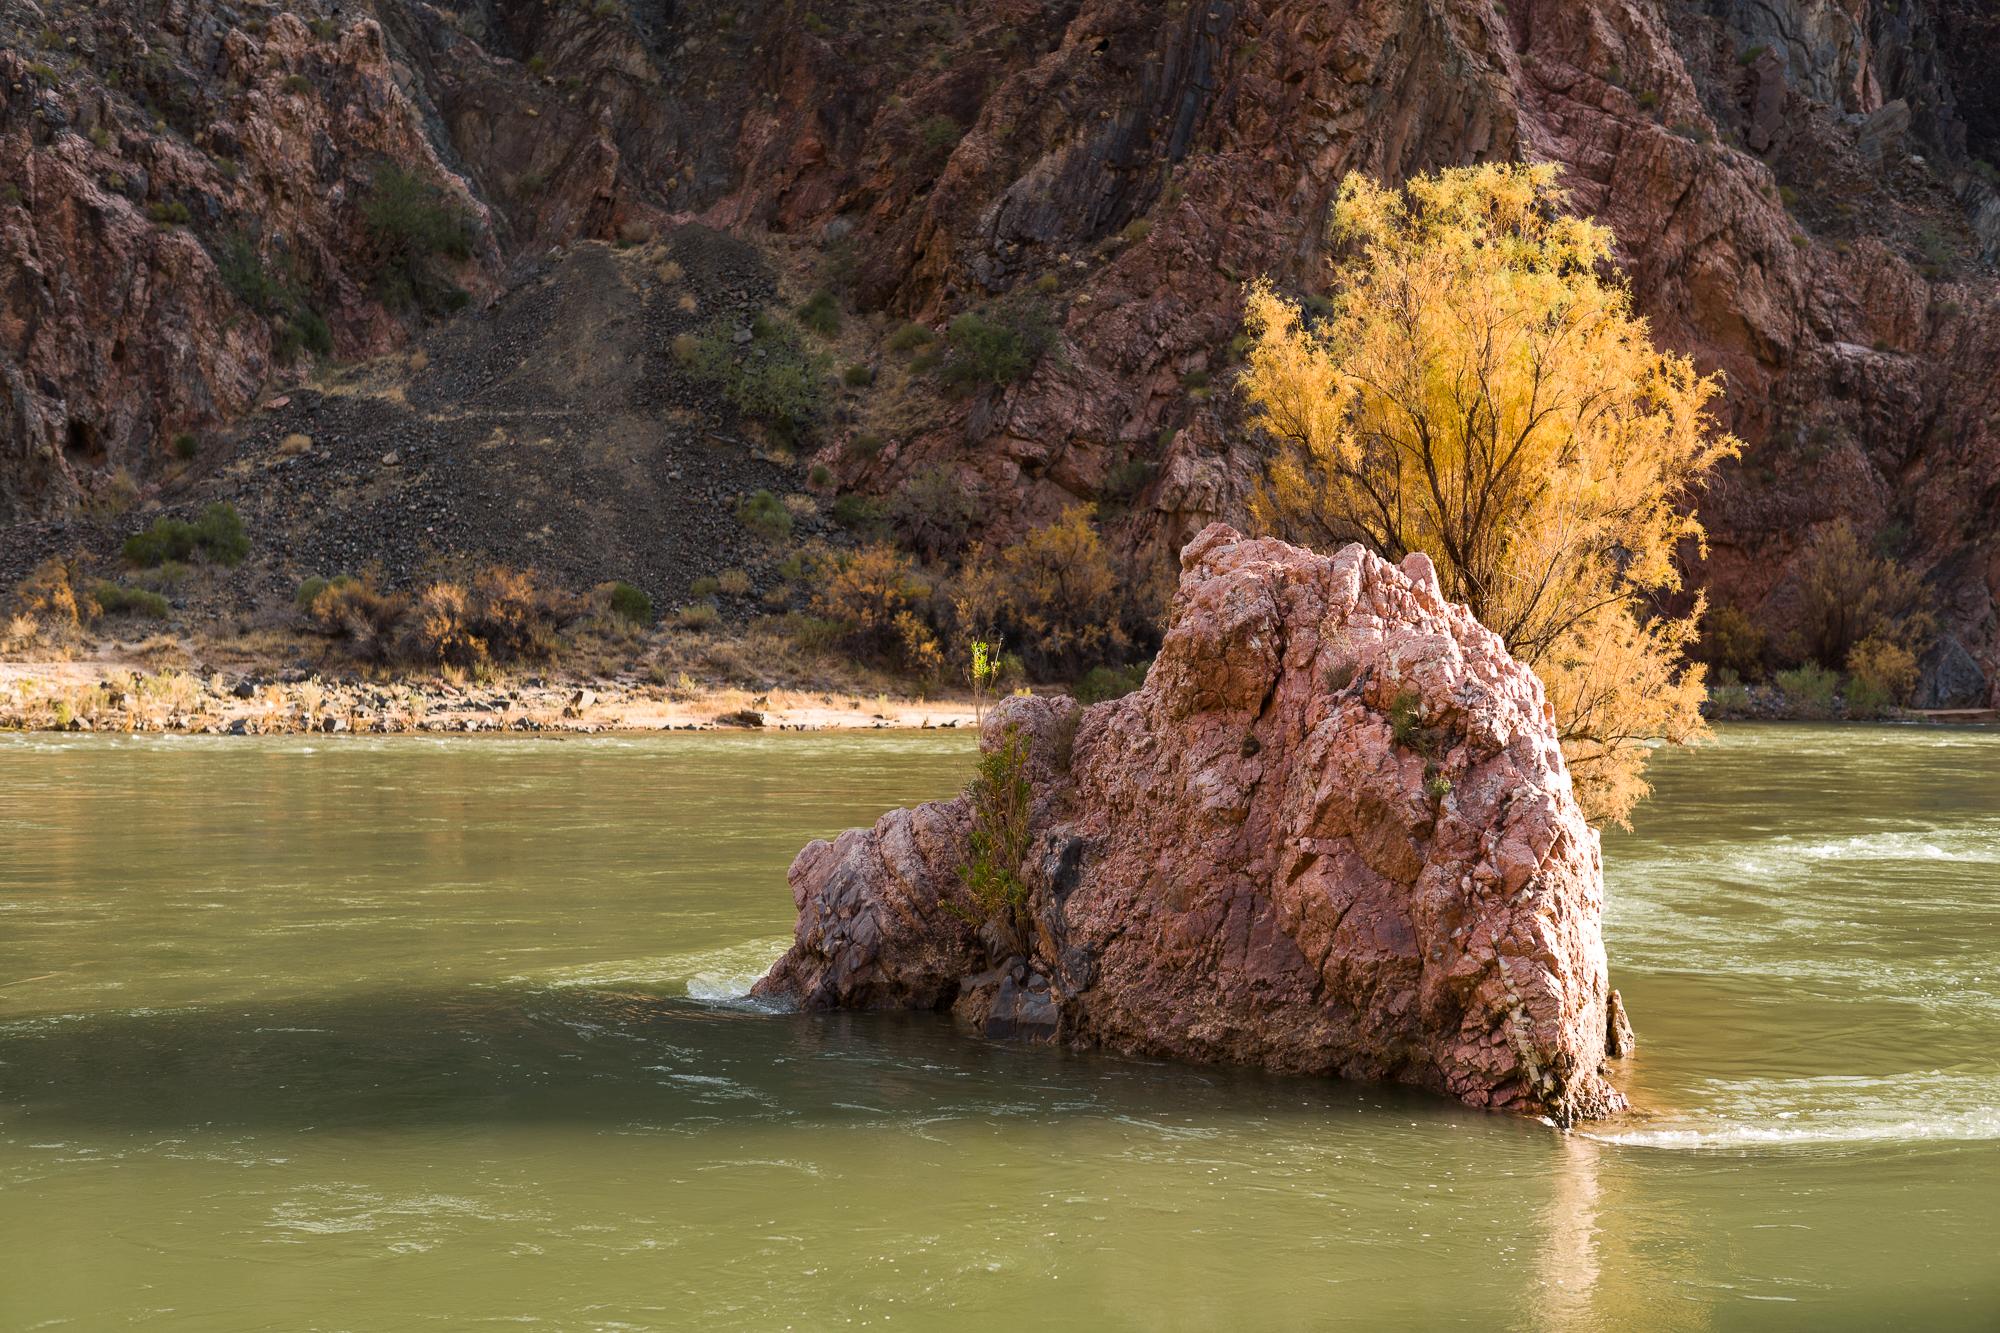 Rock in the Colorado River